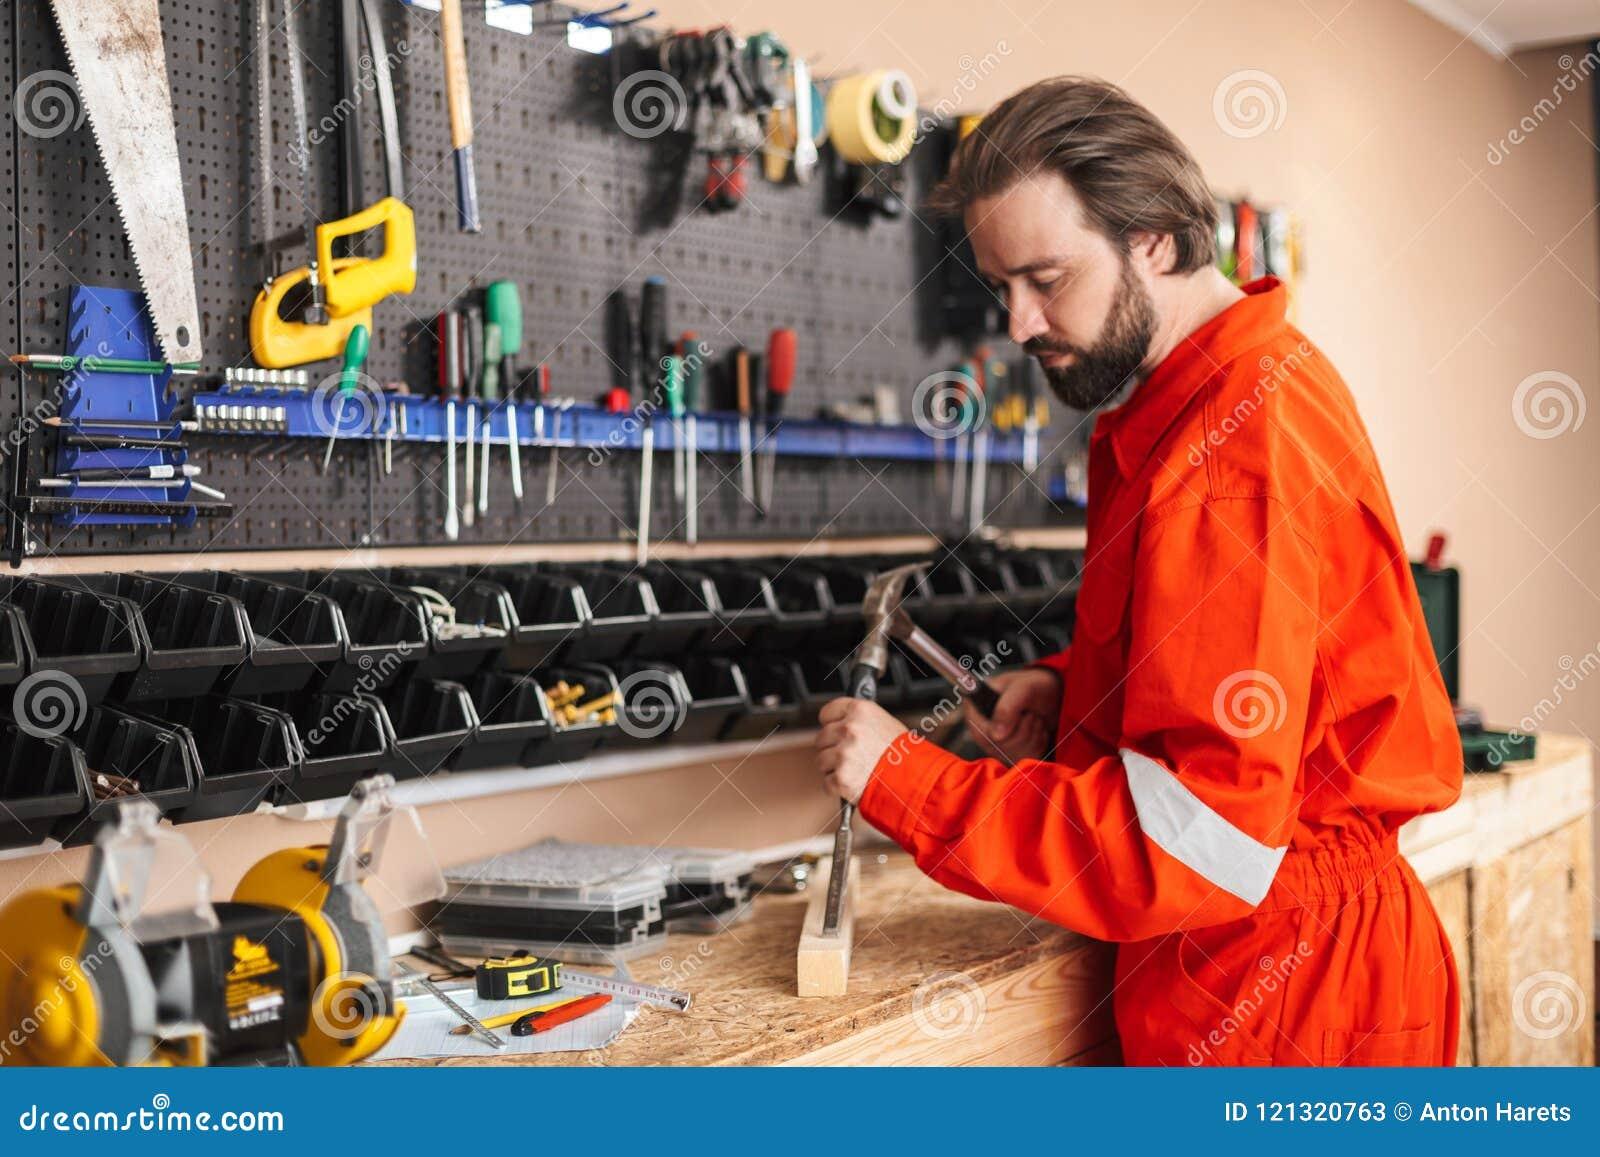 6f9a49716fe Capataz en ropa de trabajo anaranjada cuidadosamente usando el martillo con  el soporte de diversas herramientas cerca en taller